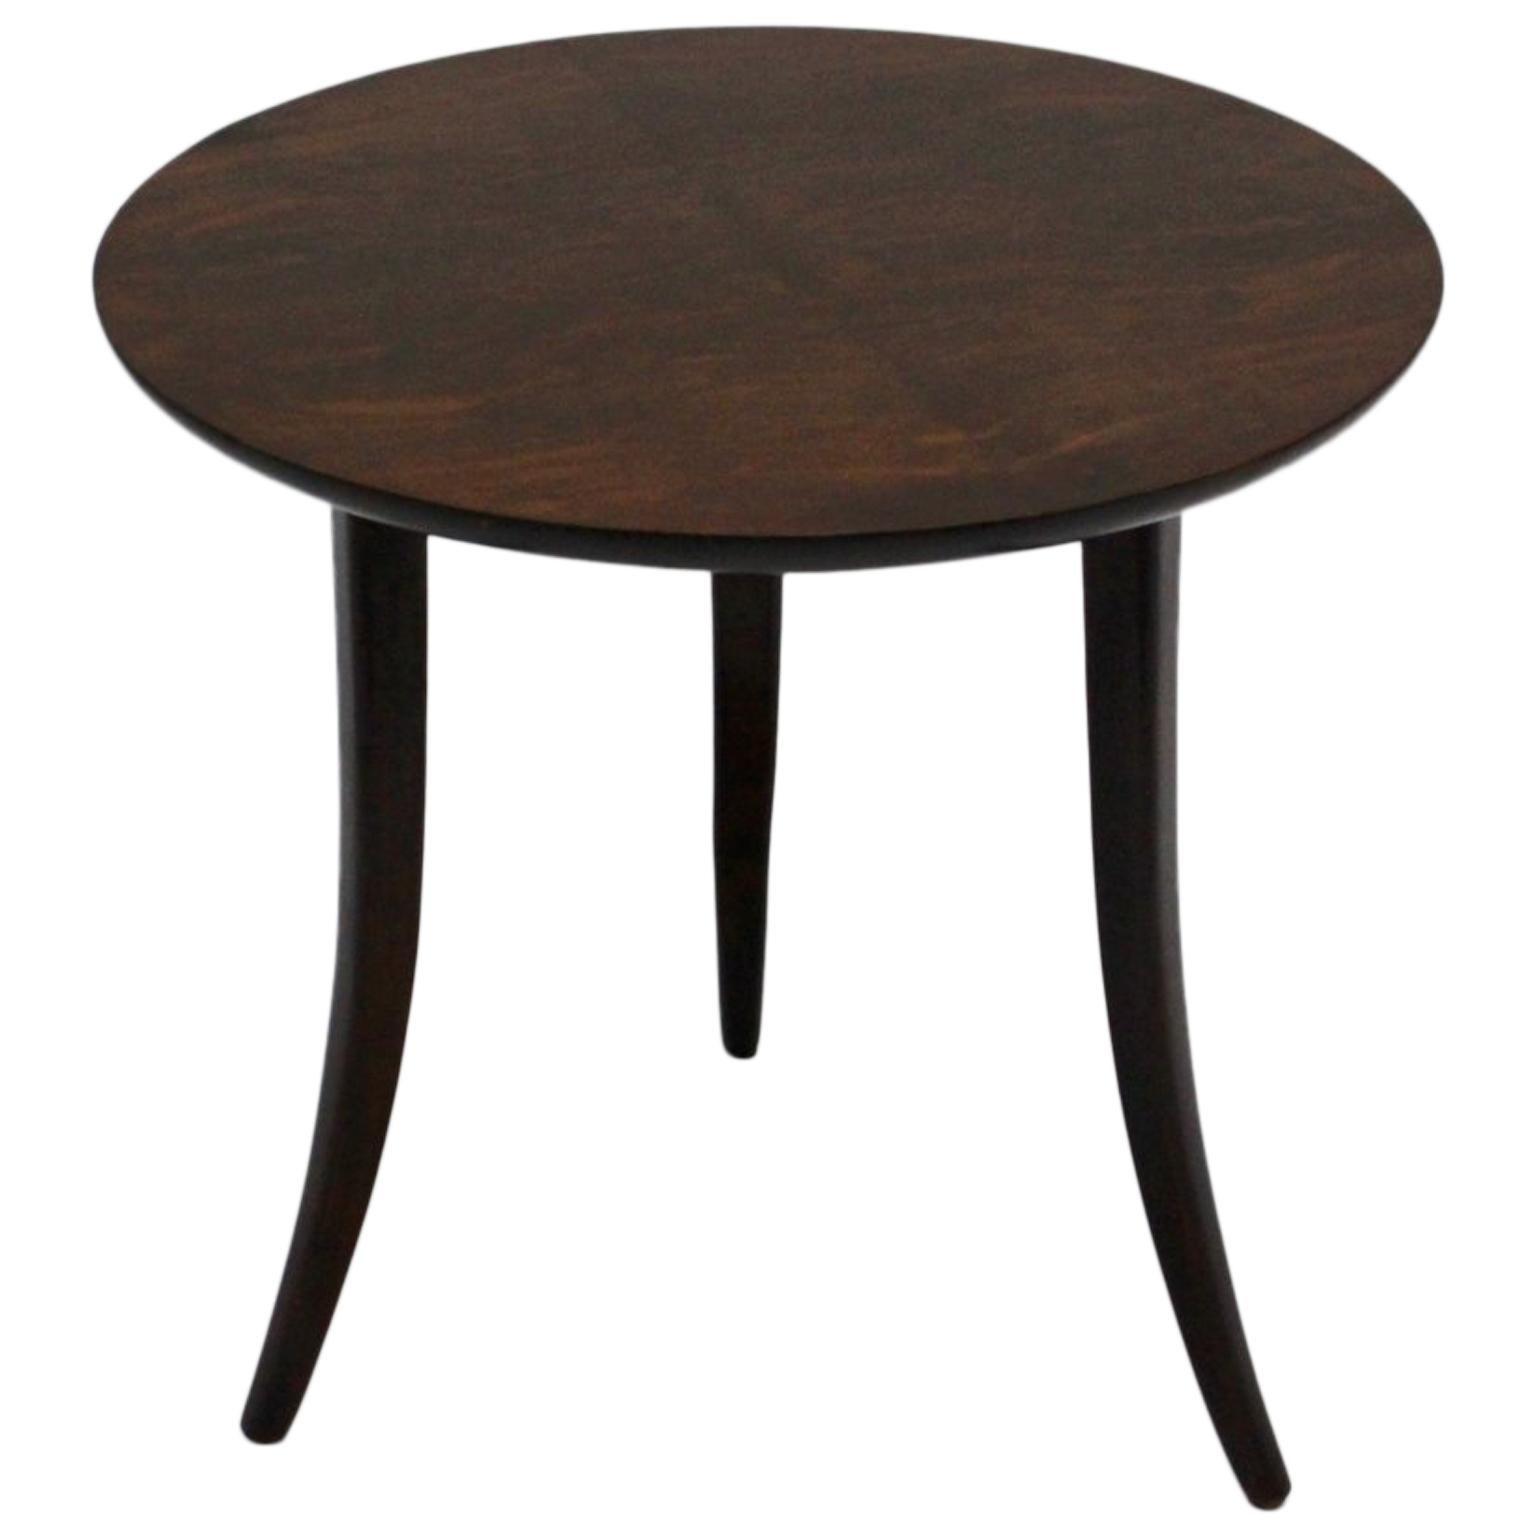 Josef Frank Art Deco Era Round Walnut Side Table for Haus & Garten, Vienna